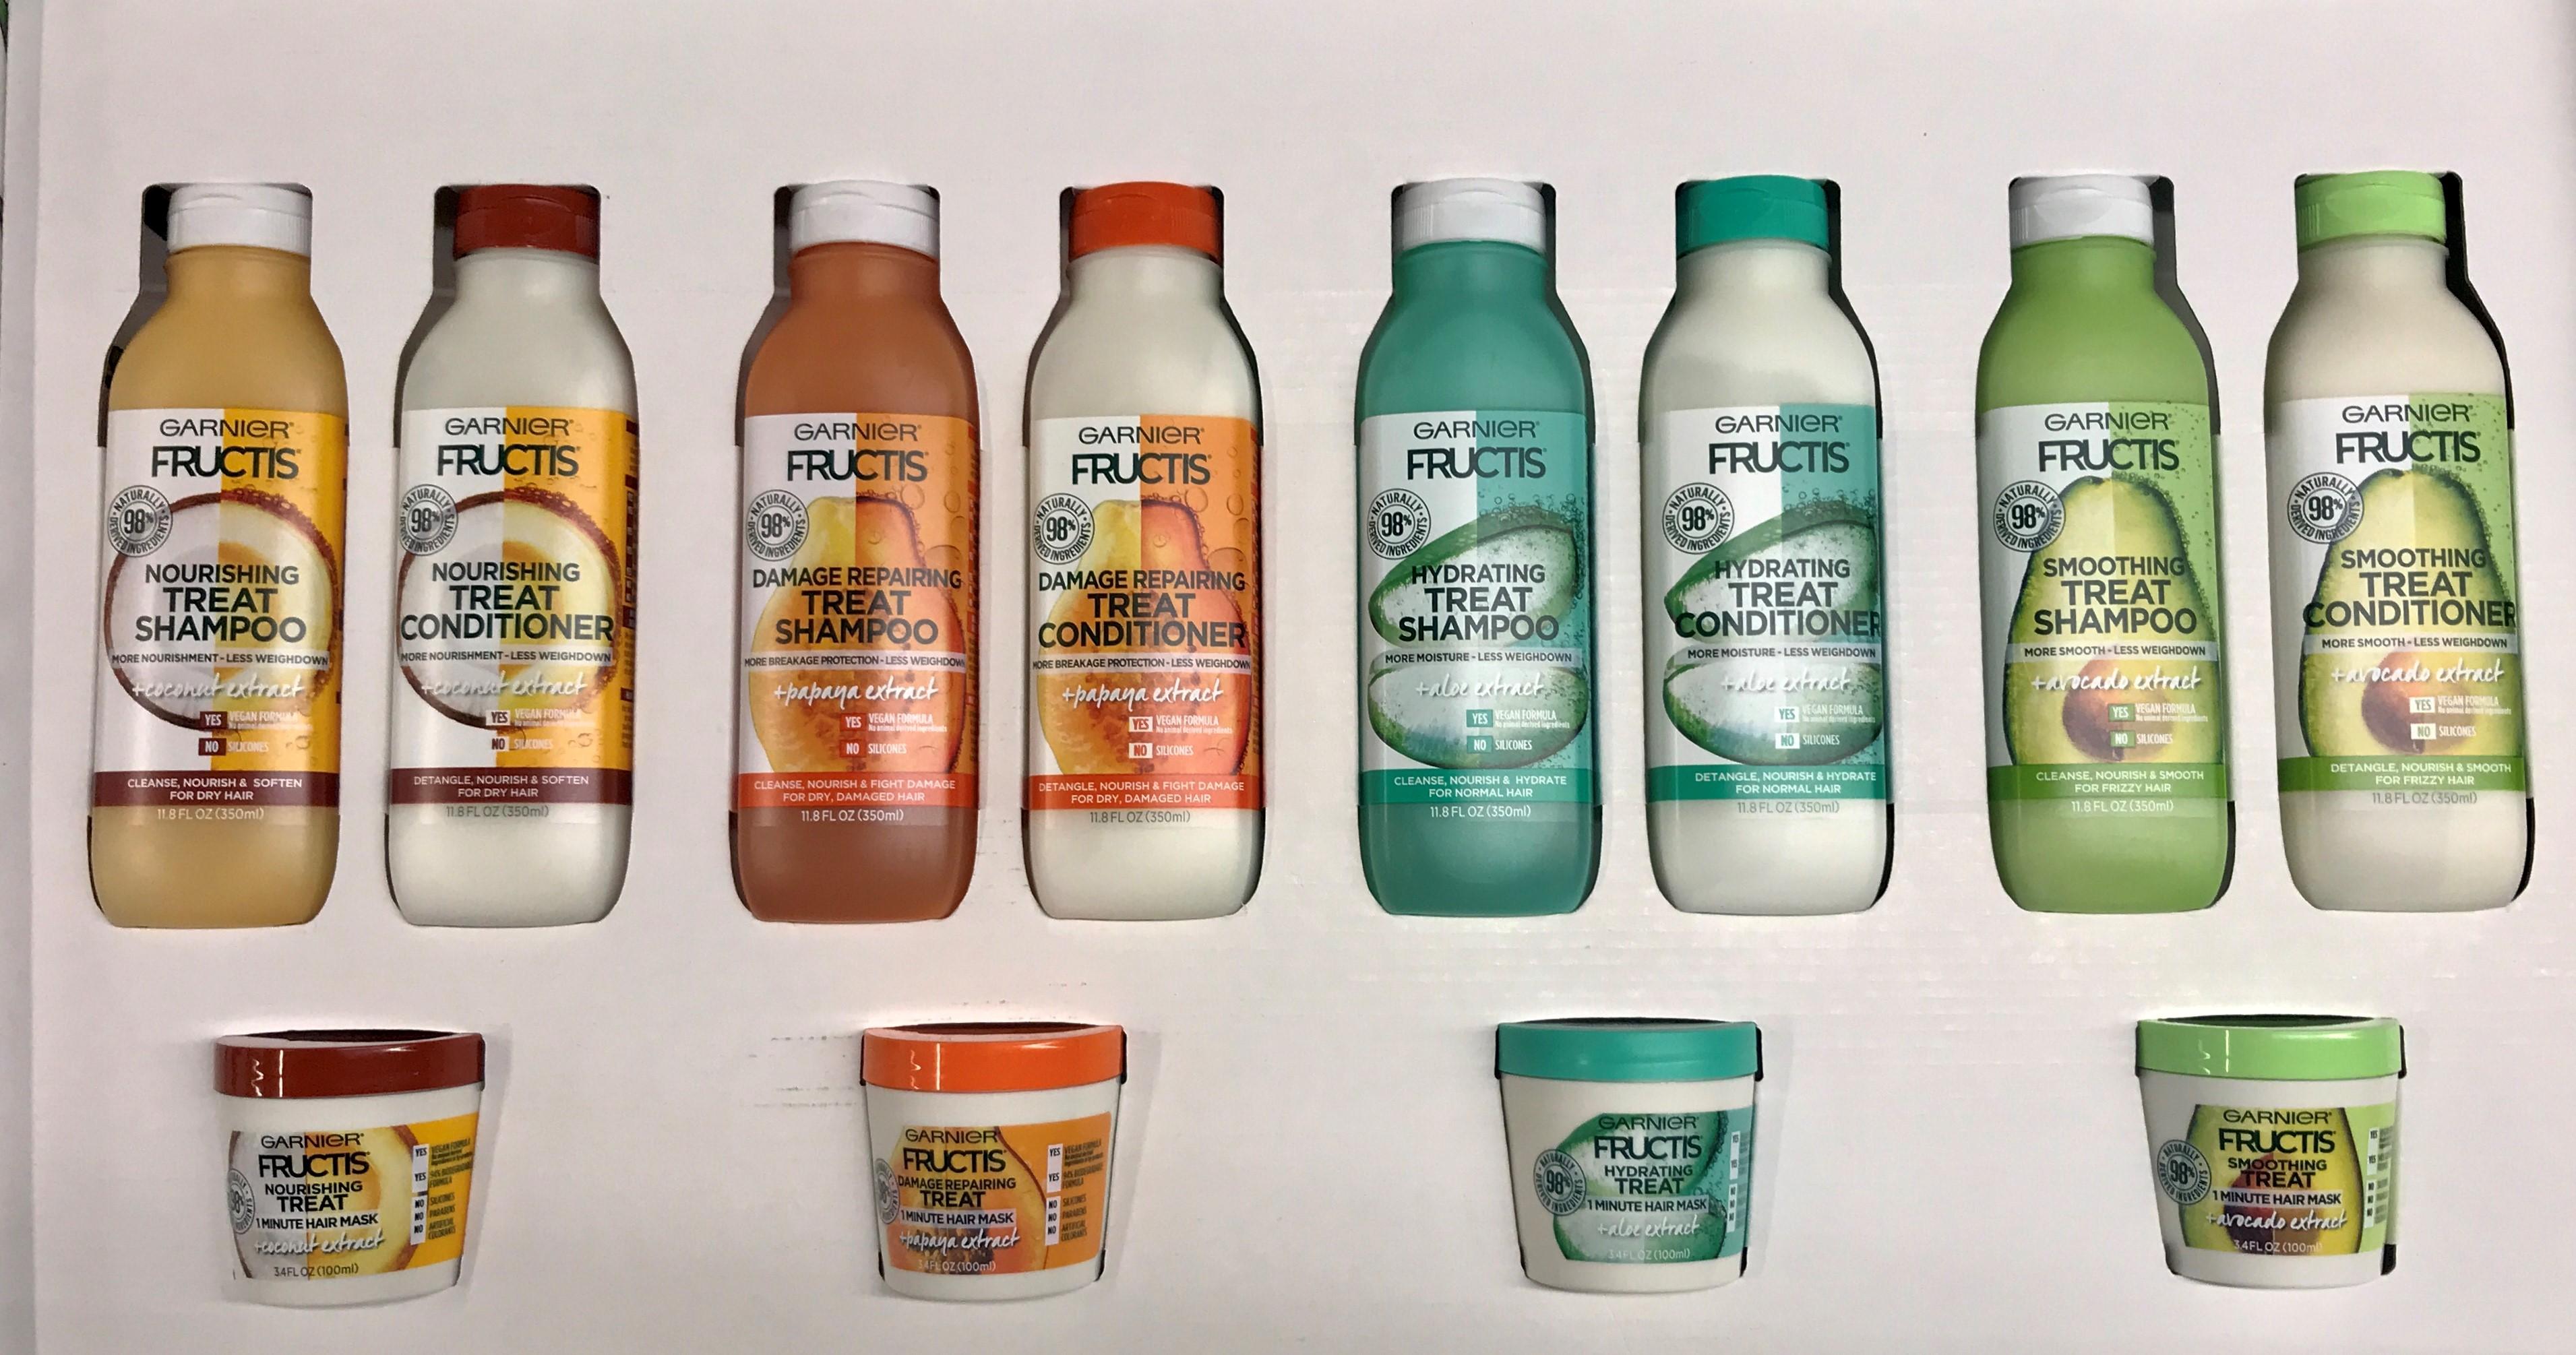 Garnier lanzó una colección de champús, acondicionadores y mascarillas veganas llamada Garnier Fructis Treats cuya fórmula es 98% derivada de ingredientes naturales, 94% biodegradable y libre de siliconas, parabenos y colorantes artificiales. (Suministrada)